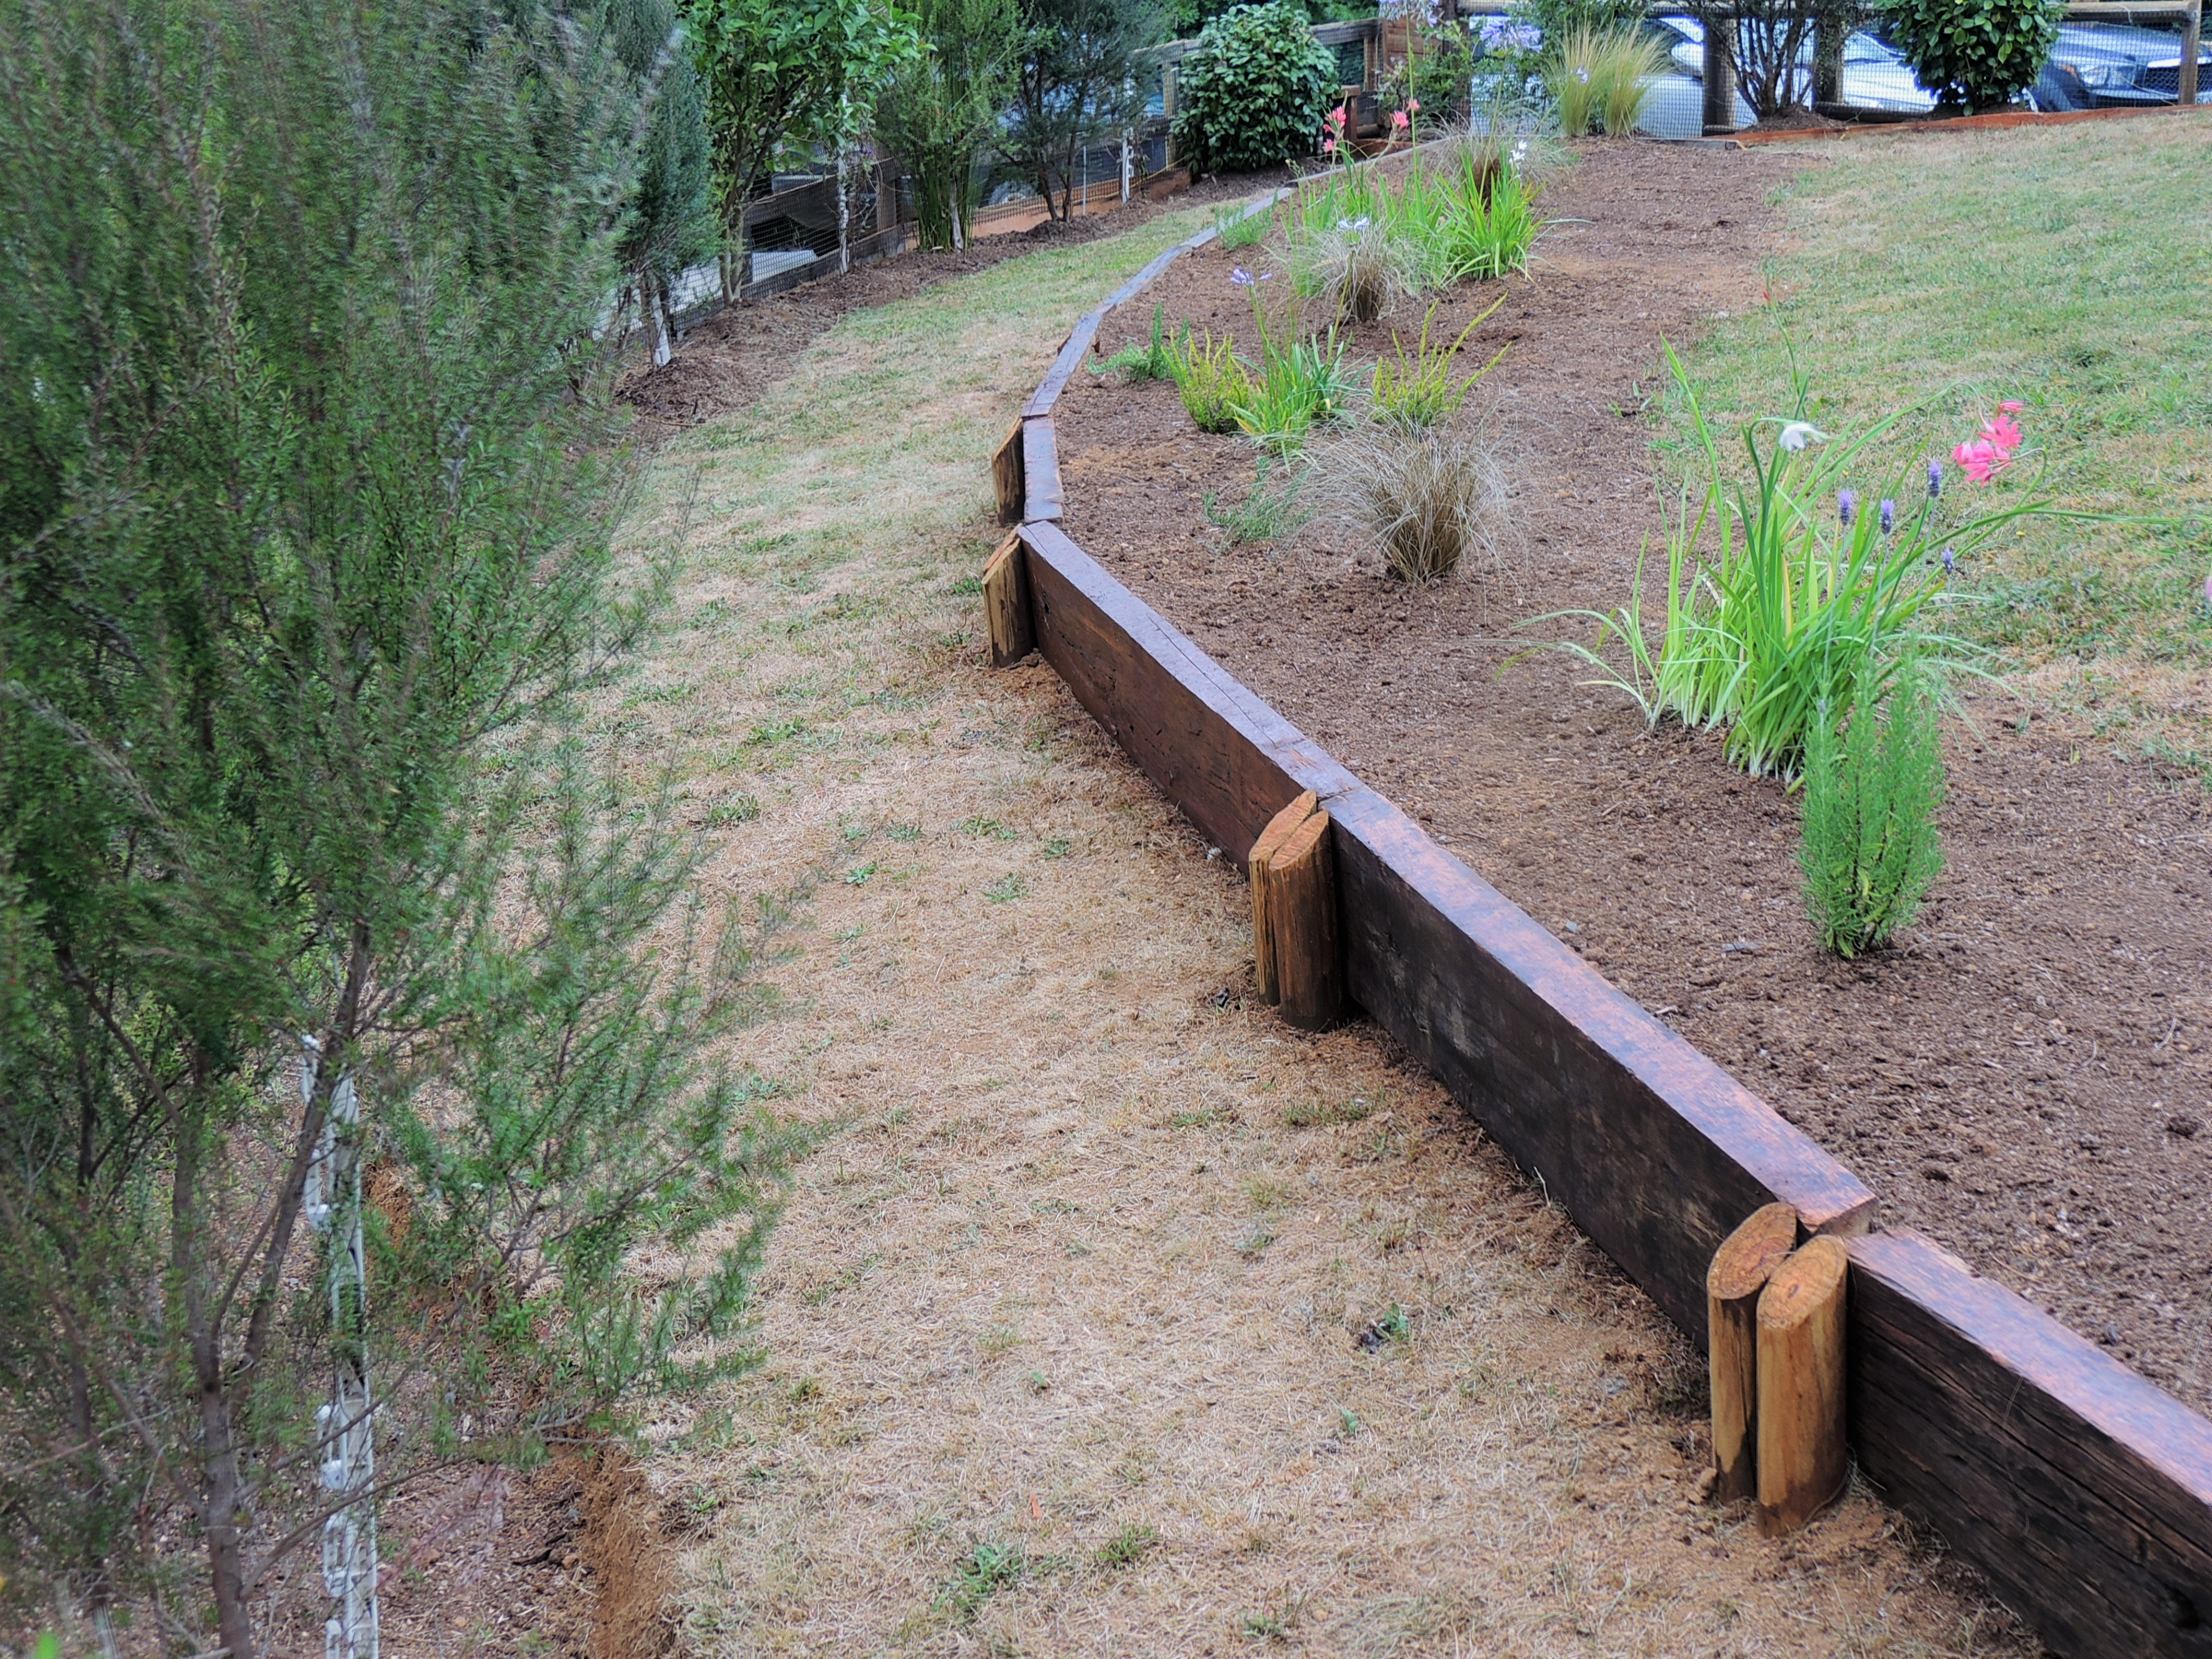 paisajismo valdivia cerco madera jardin madera construcción